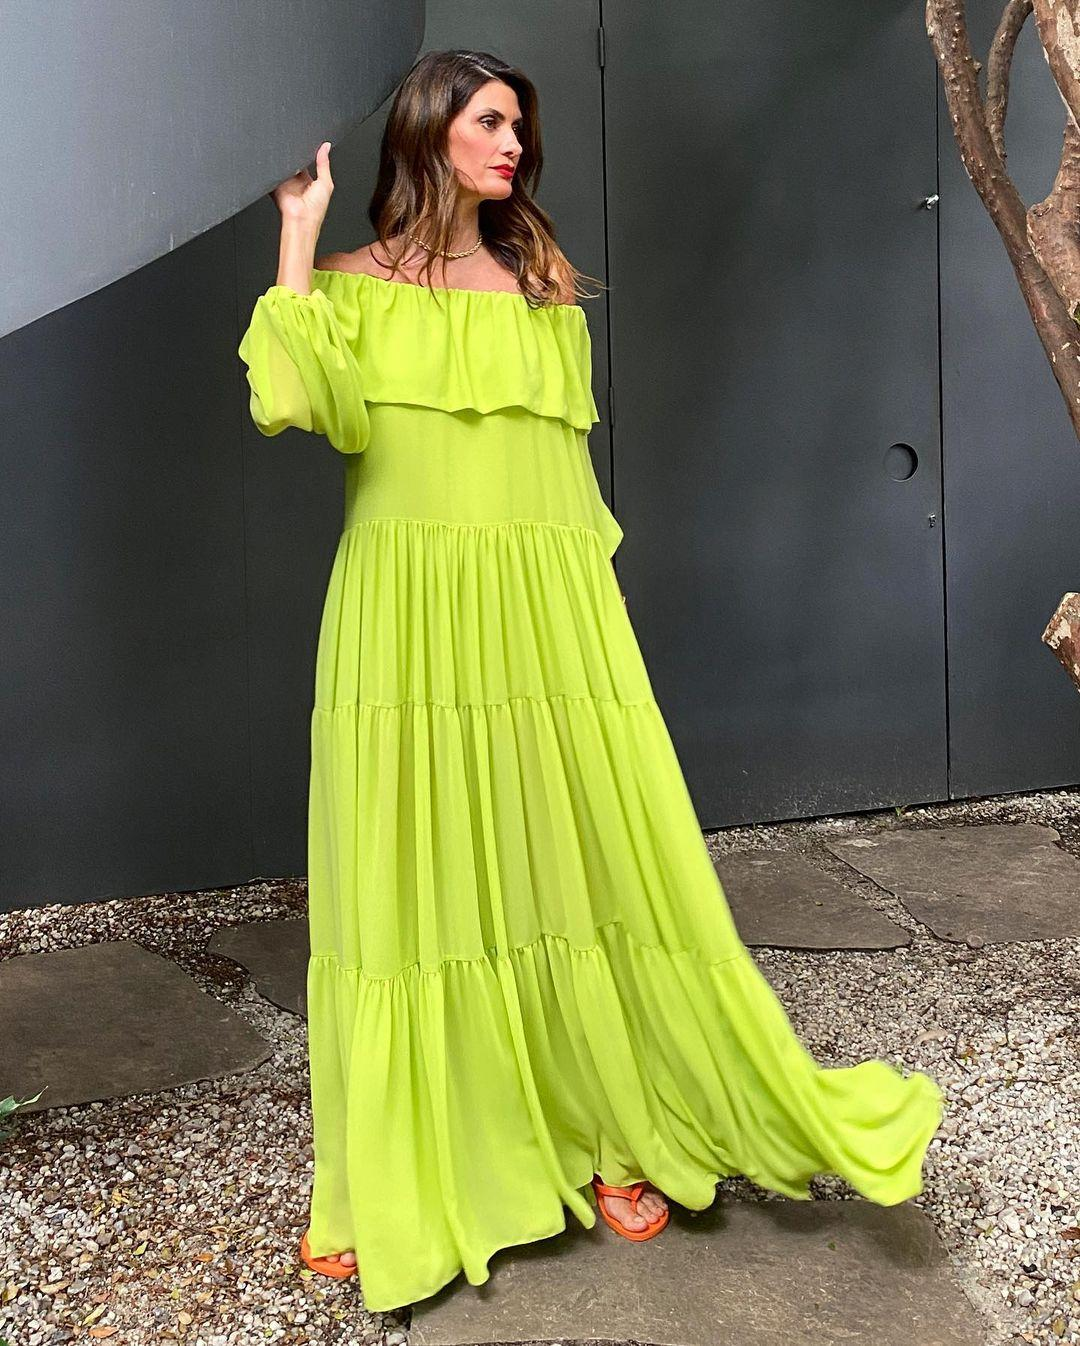 Isabella Fiorentino aposta em vestido verde neon